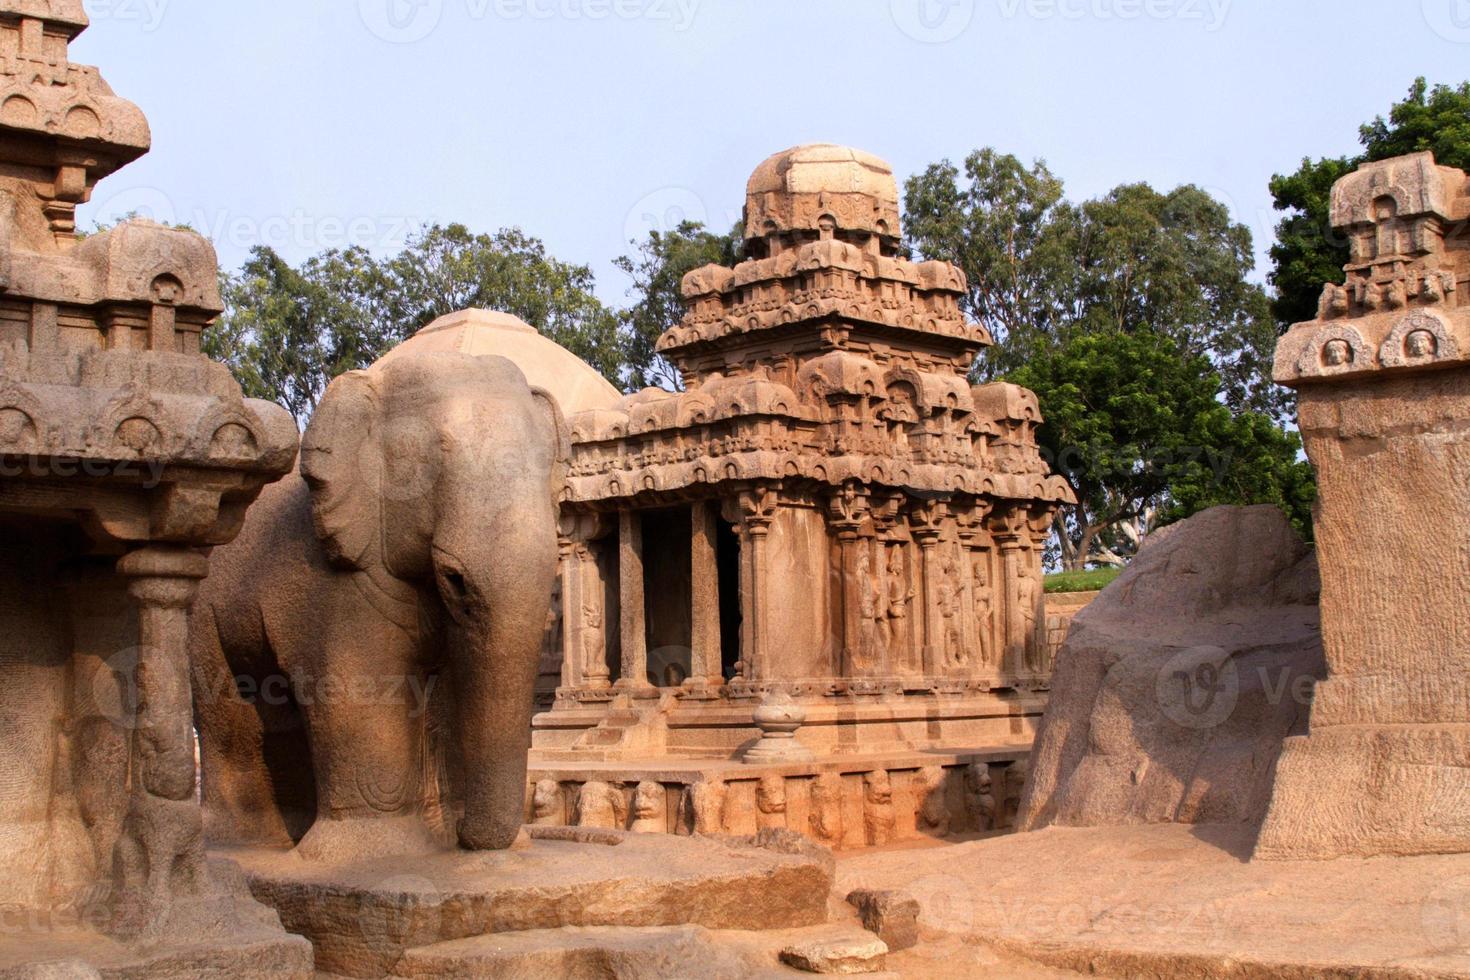 Foto del templo Pancha Ratha en Mammallapuram, India